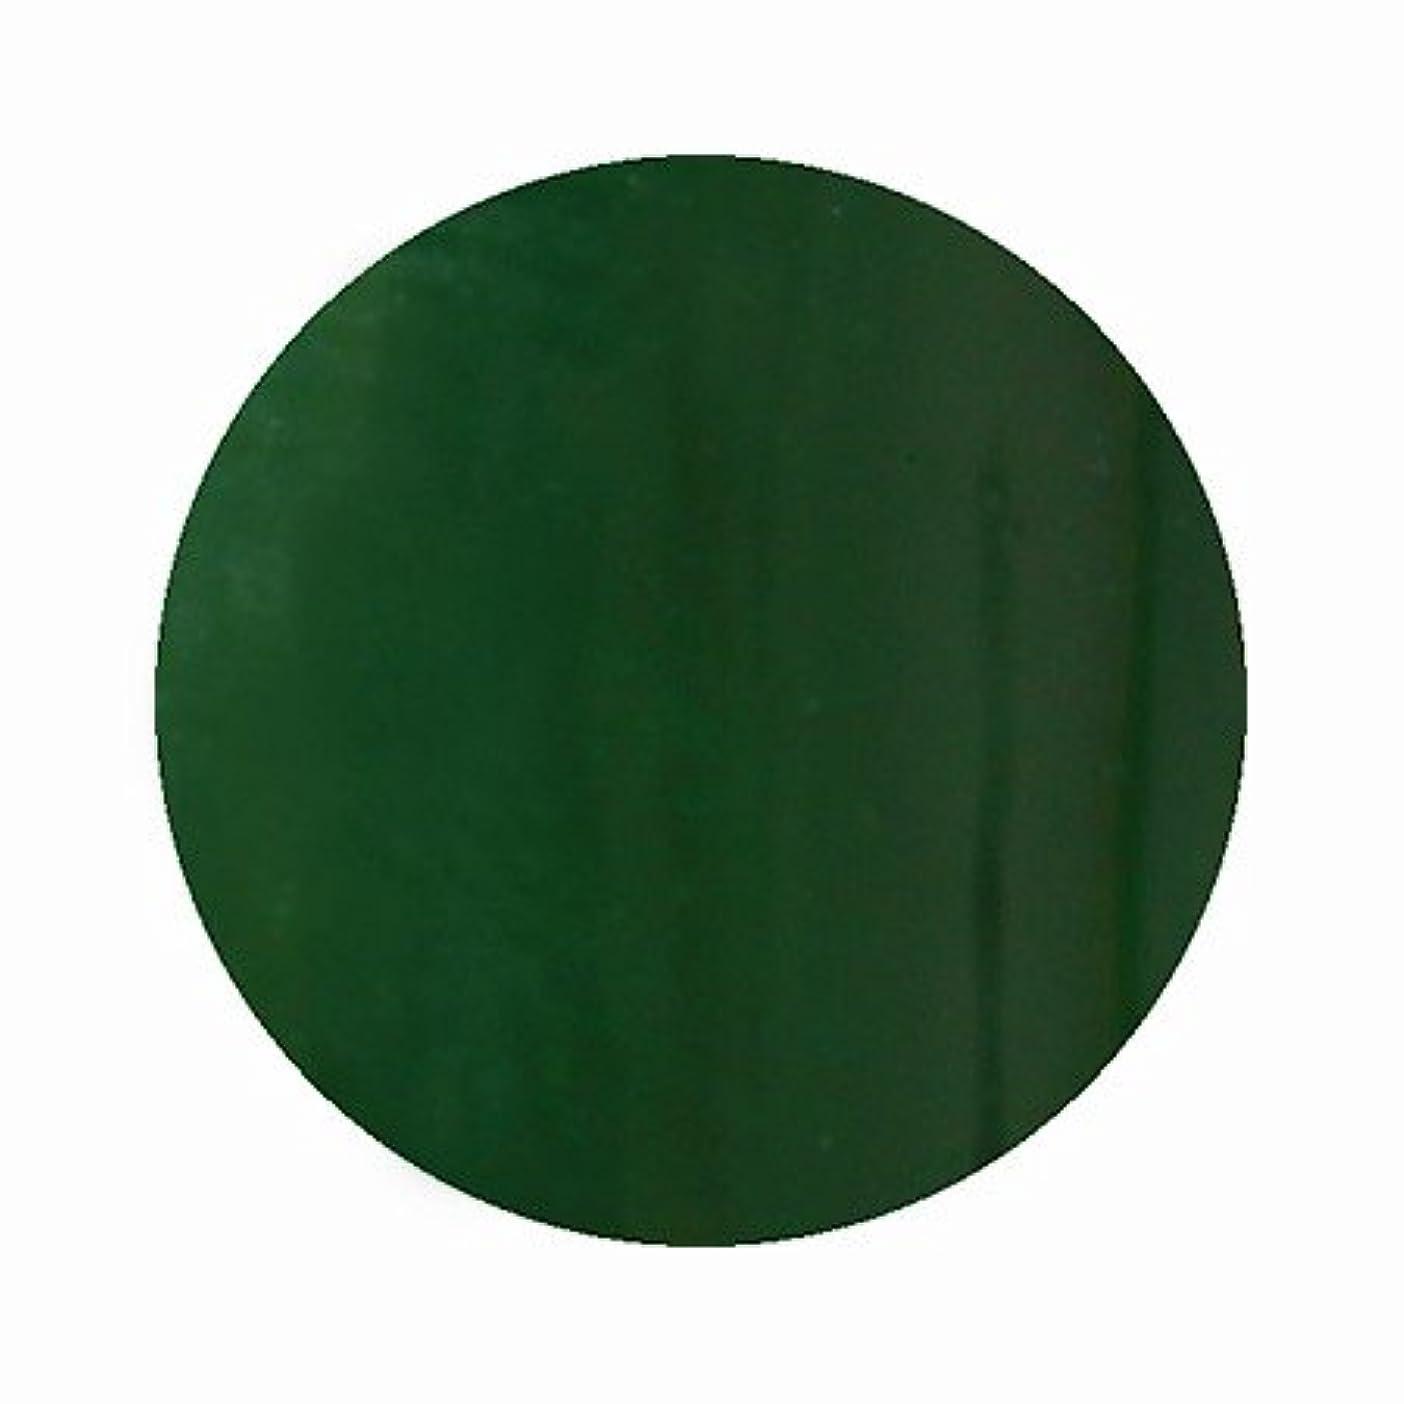 クレジット影響力のあるピニオンパラポリッシュ ハイブリッドカラージェル V9 モスグリーン 7g